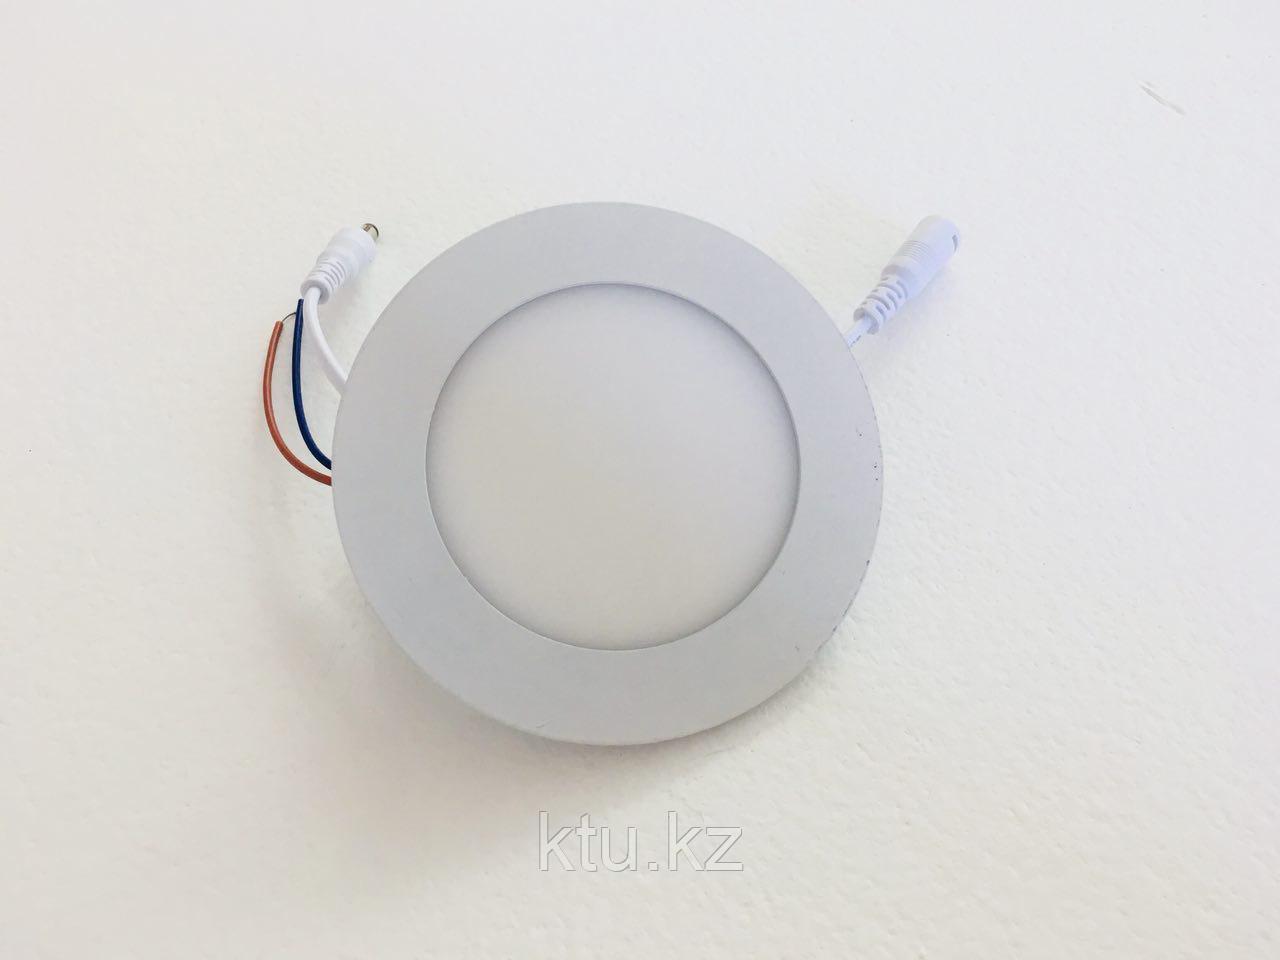 Светильники (споты) JL-F 3W внутренний, 3год гарантия